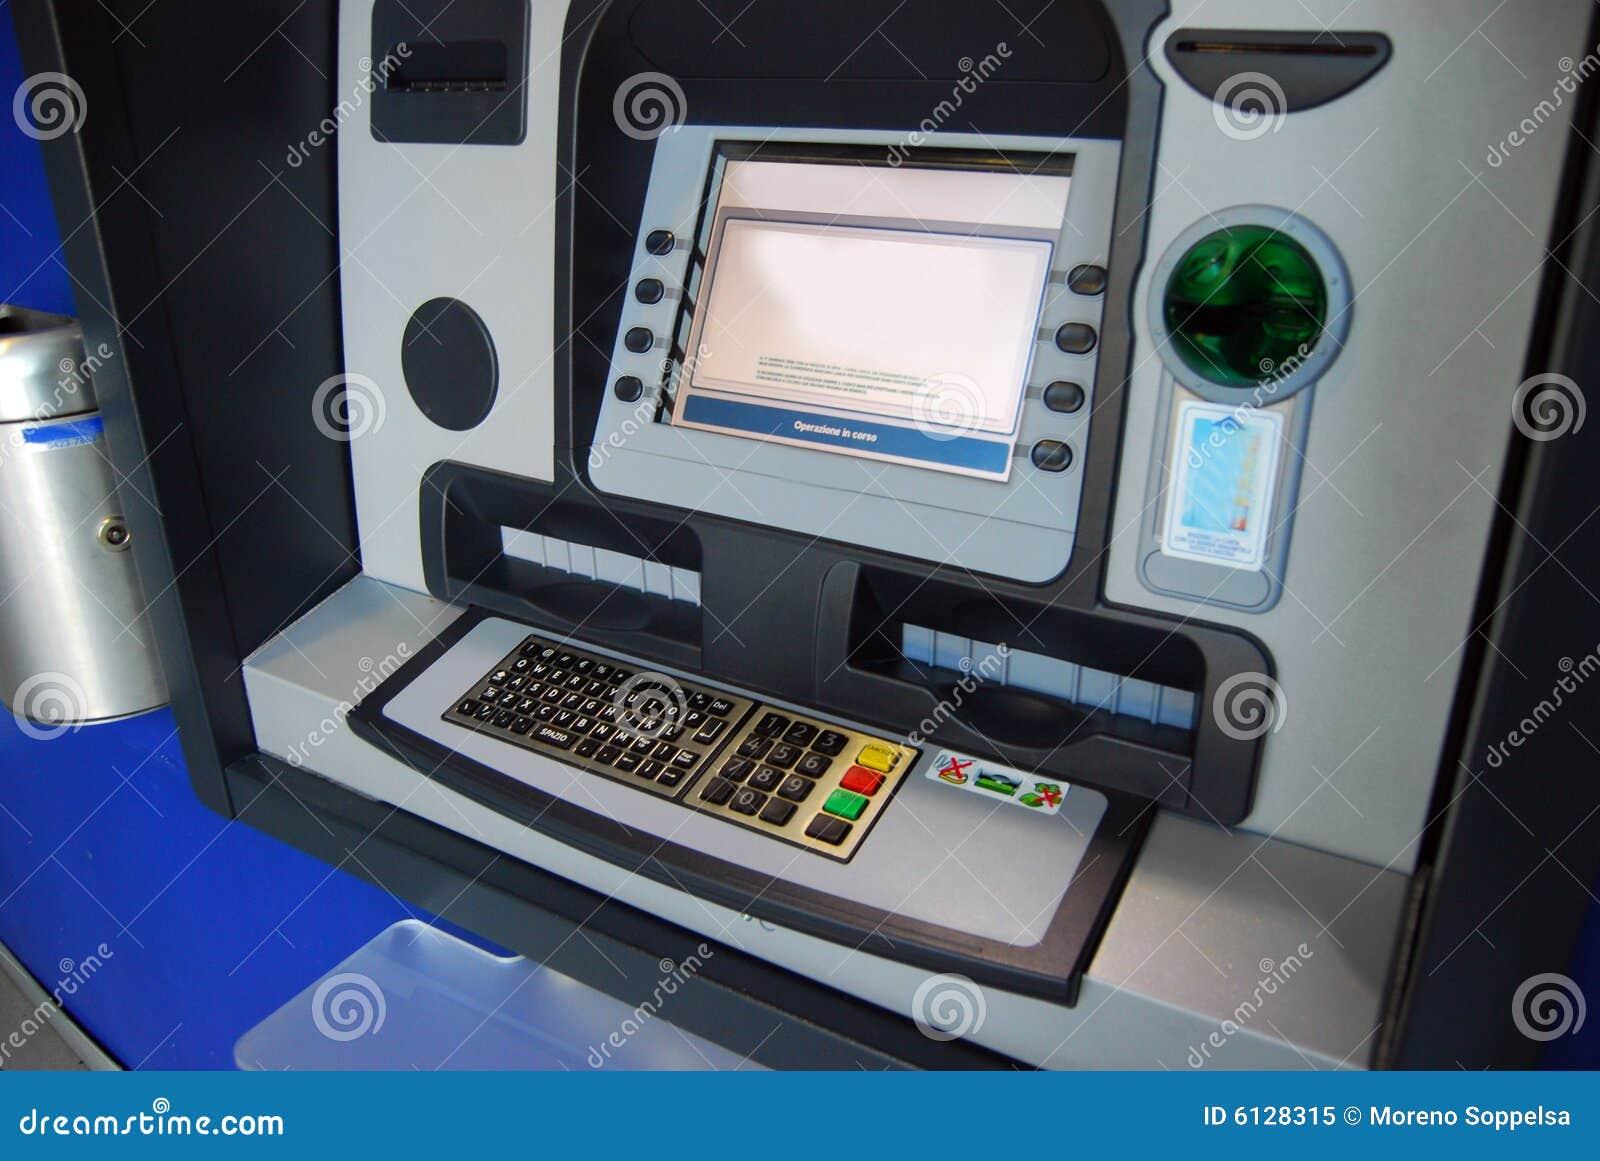 ATM - Ponto do dinheiro